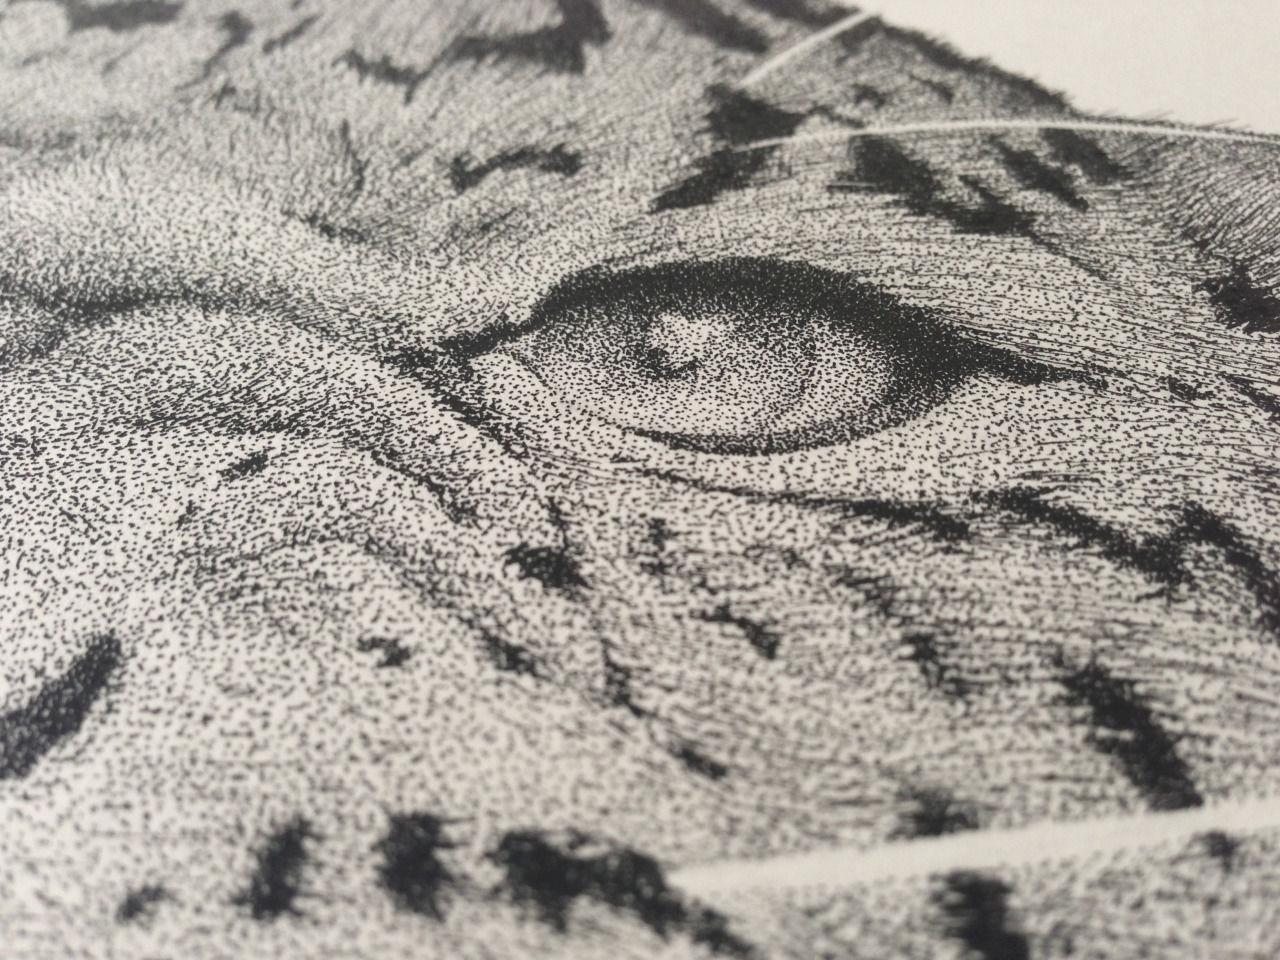 100万個以上の「点」だけで描かれた作品がスゴイ・・・